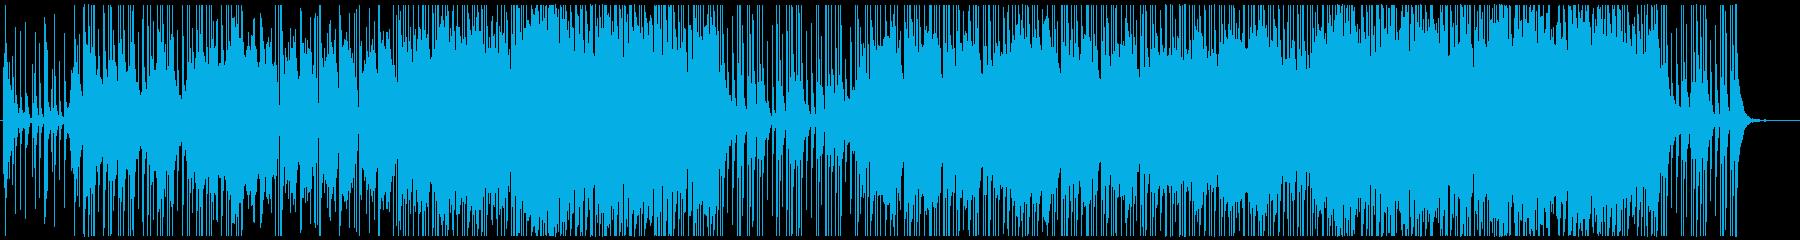 不穏なファンタジー曲 の再生済みの波形